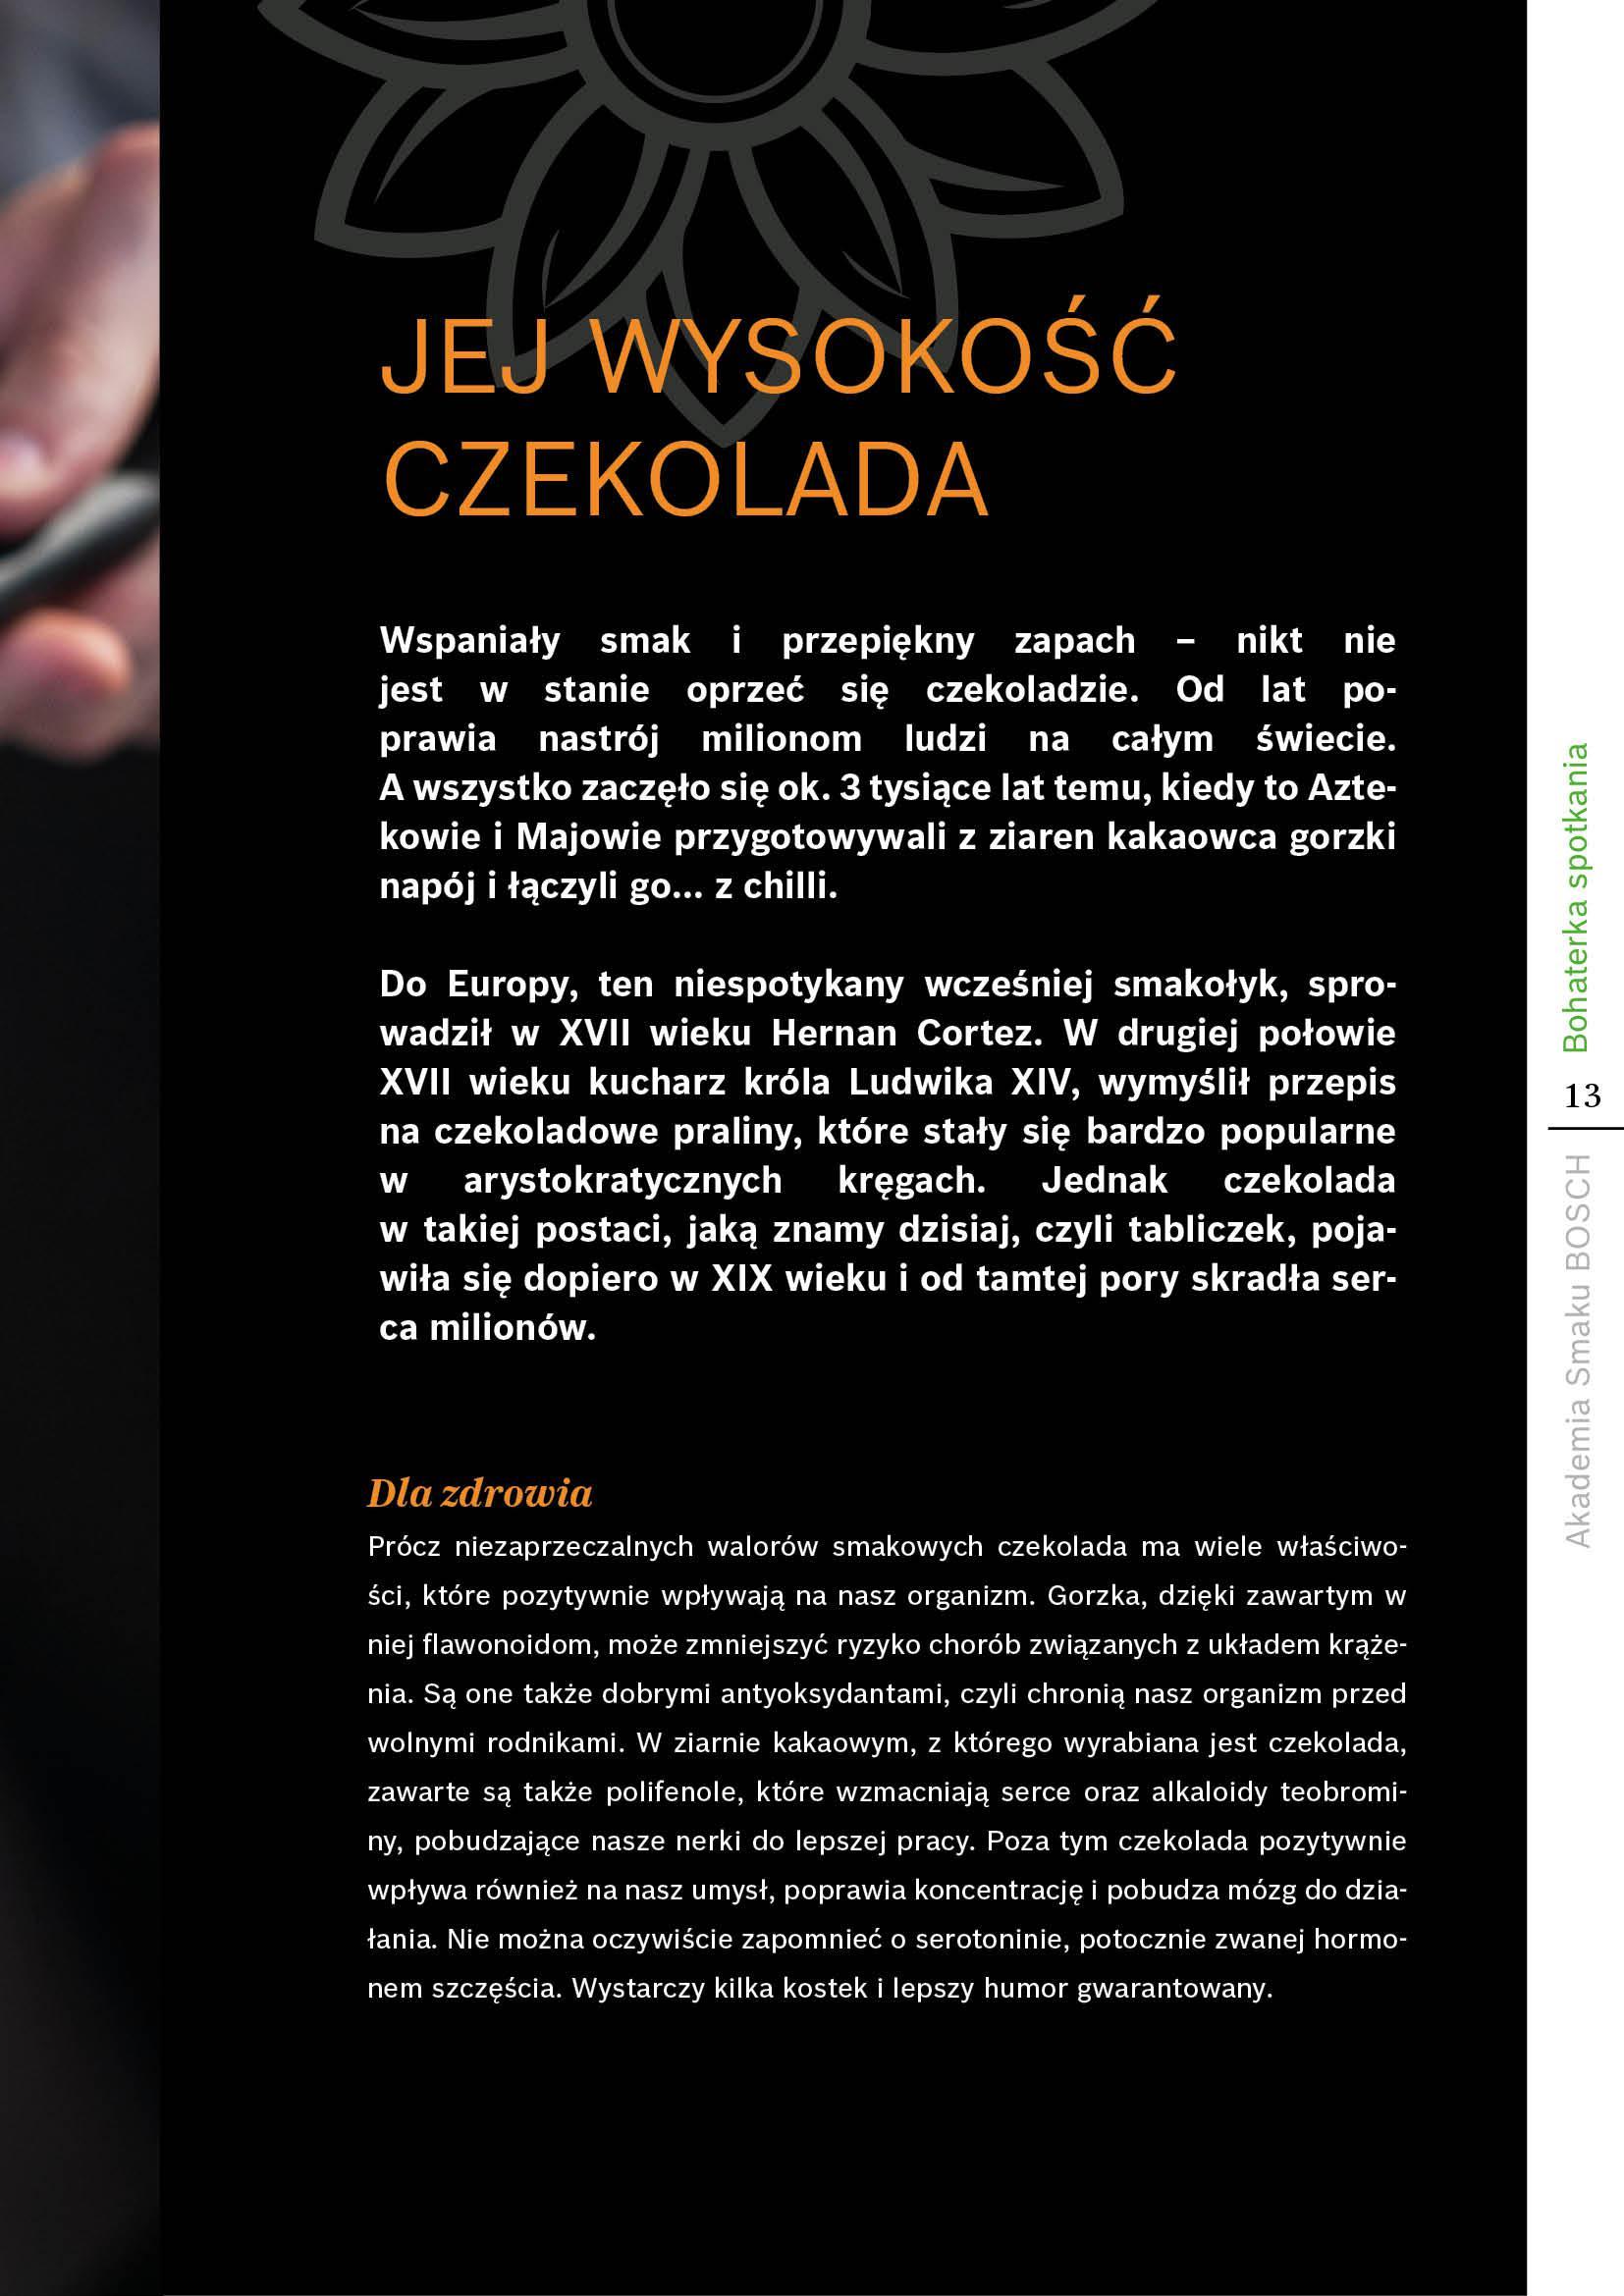 Zaskakujące połączenia smakowe - Strona 13